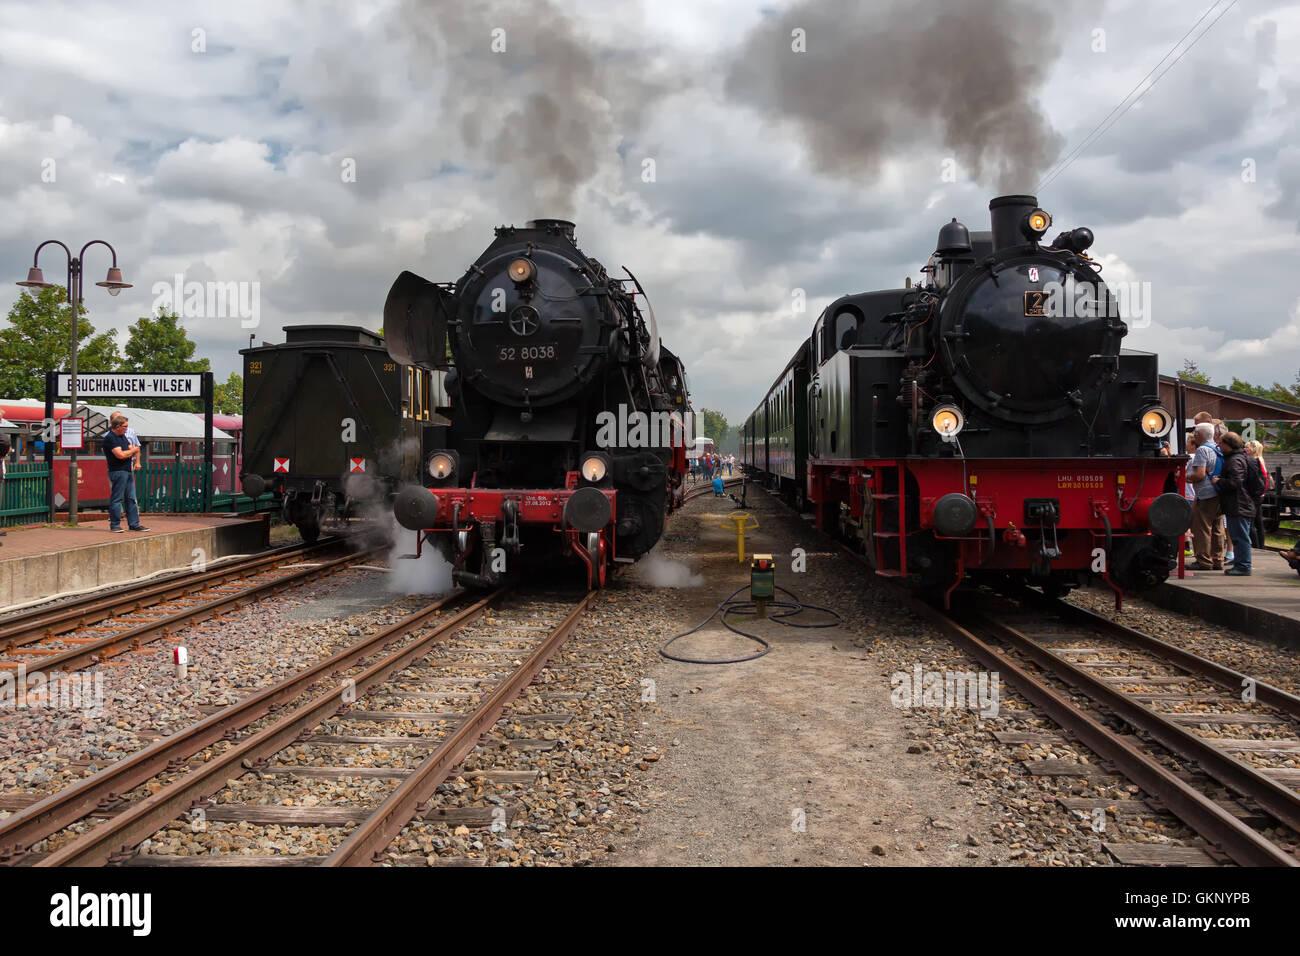 528038 Dampfeisenbahn de Norvège et DHEF 2 'Anna' de Jan Harpstedt à Szczecin, en Allemagne. Banque D'Images